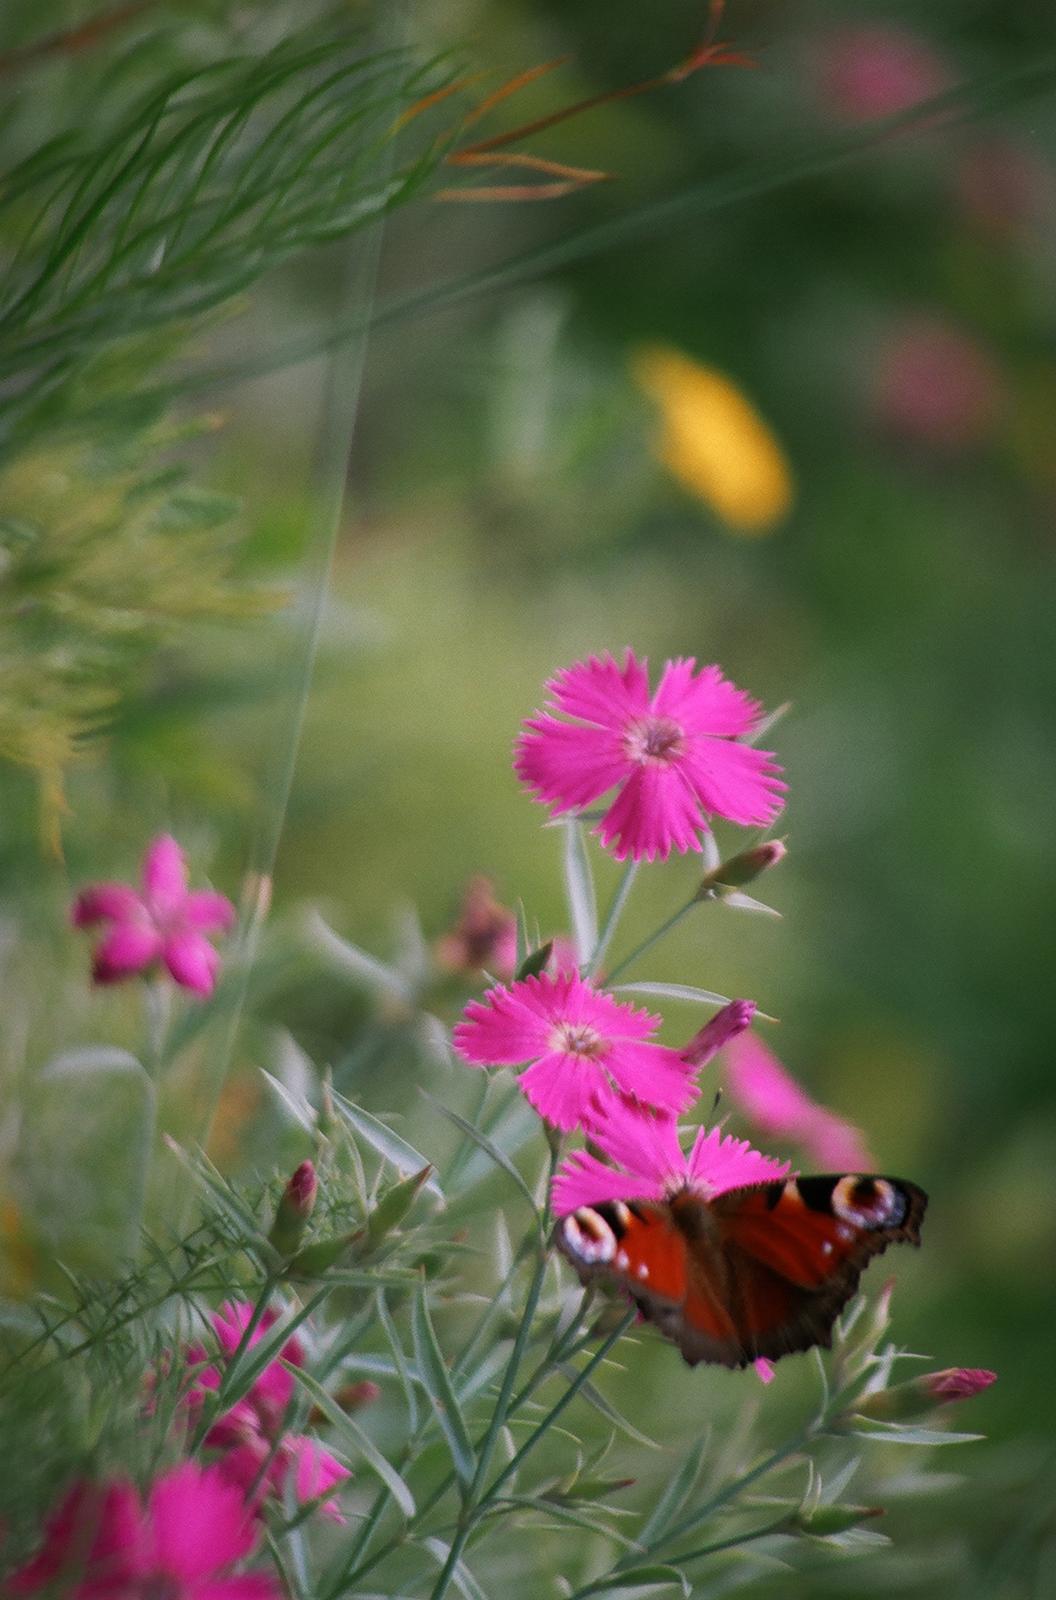 Fotografia przedstawia zbliżenie kilku różowych poczwórnych kwiatków na szarozielonych łodyżkach. To goździki lśniące. Wprawym dolnym rogu na jednym znich siedzi motyl rusałka pawik.